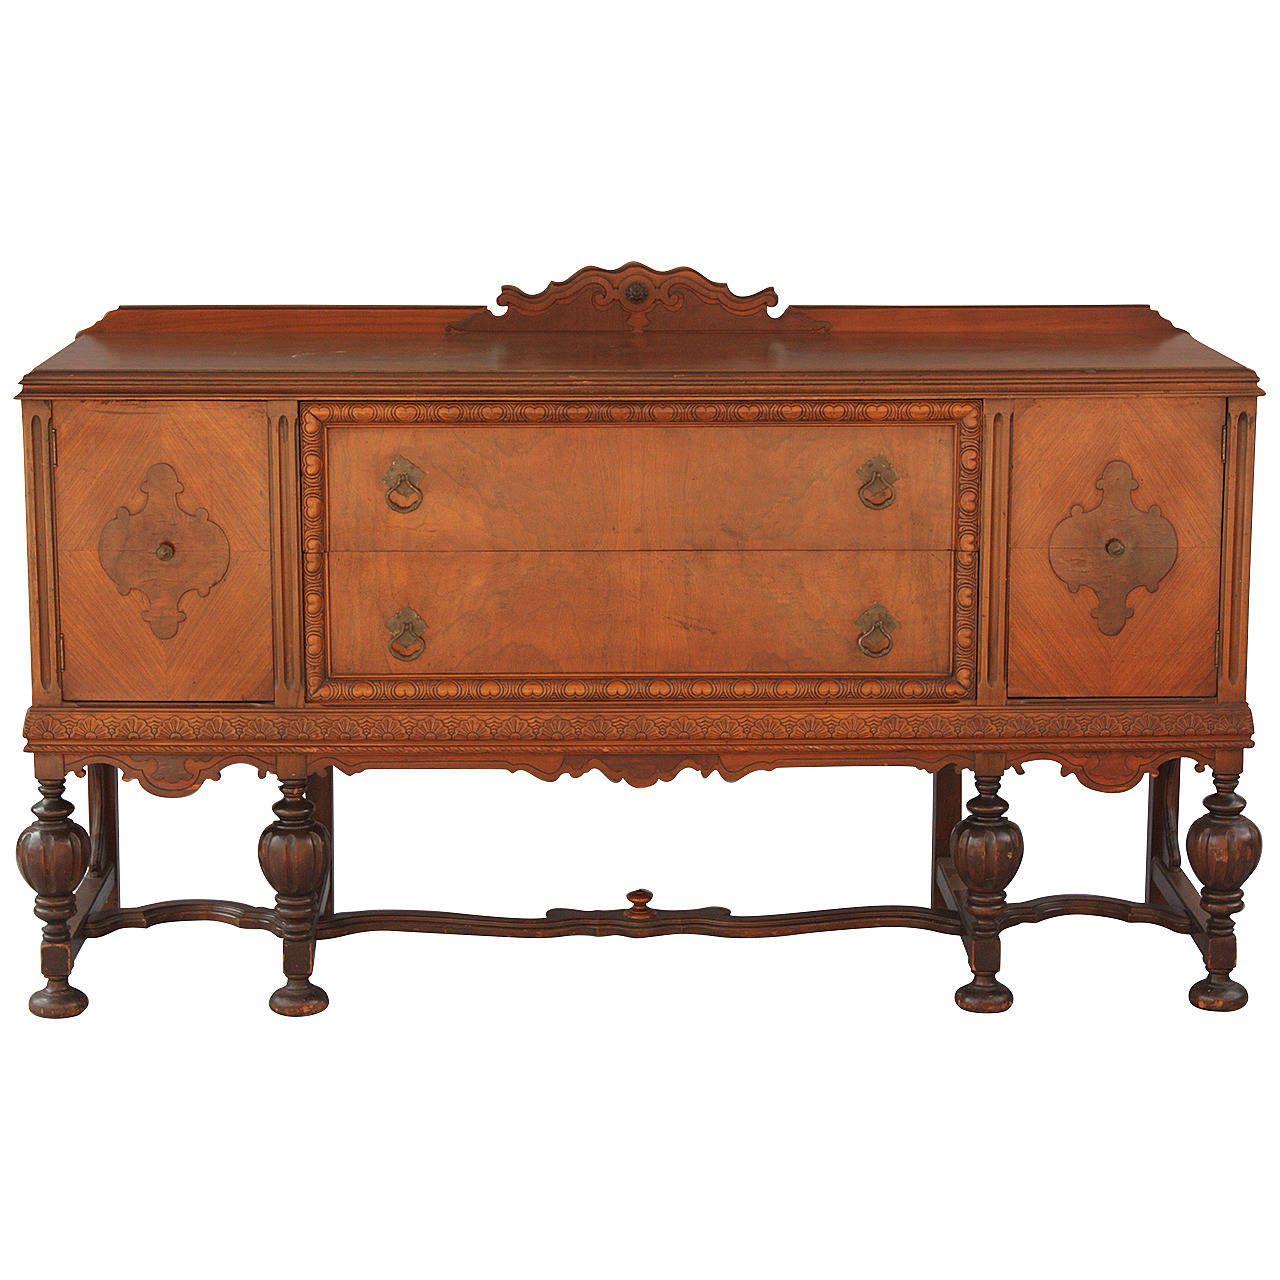 Elegant Spanish Revival Sideboard Spanish Revival